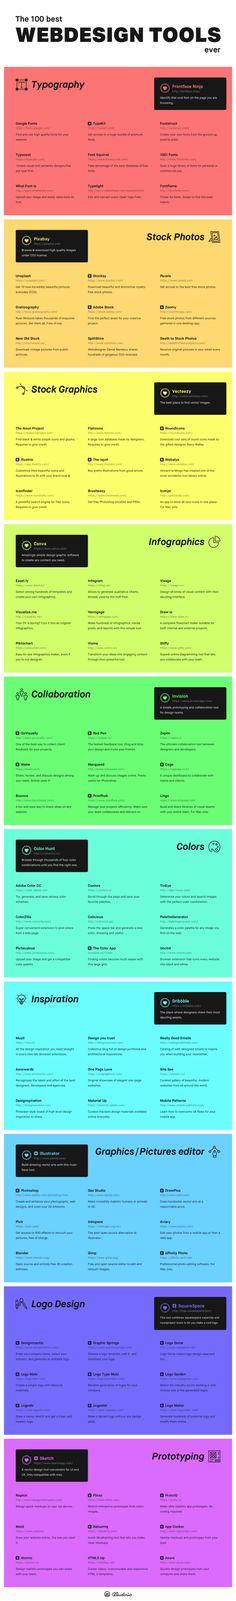 100 herramientas de Diseño web de siempre